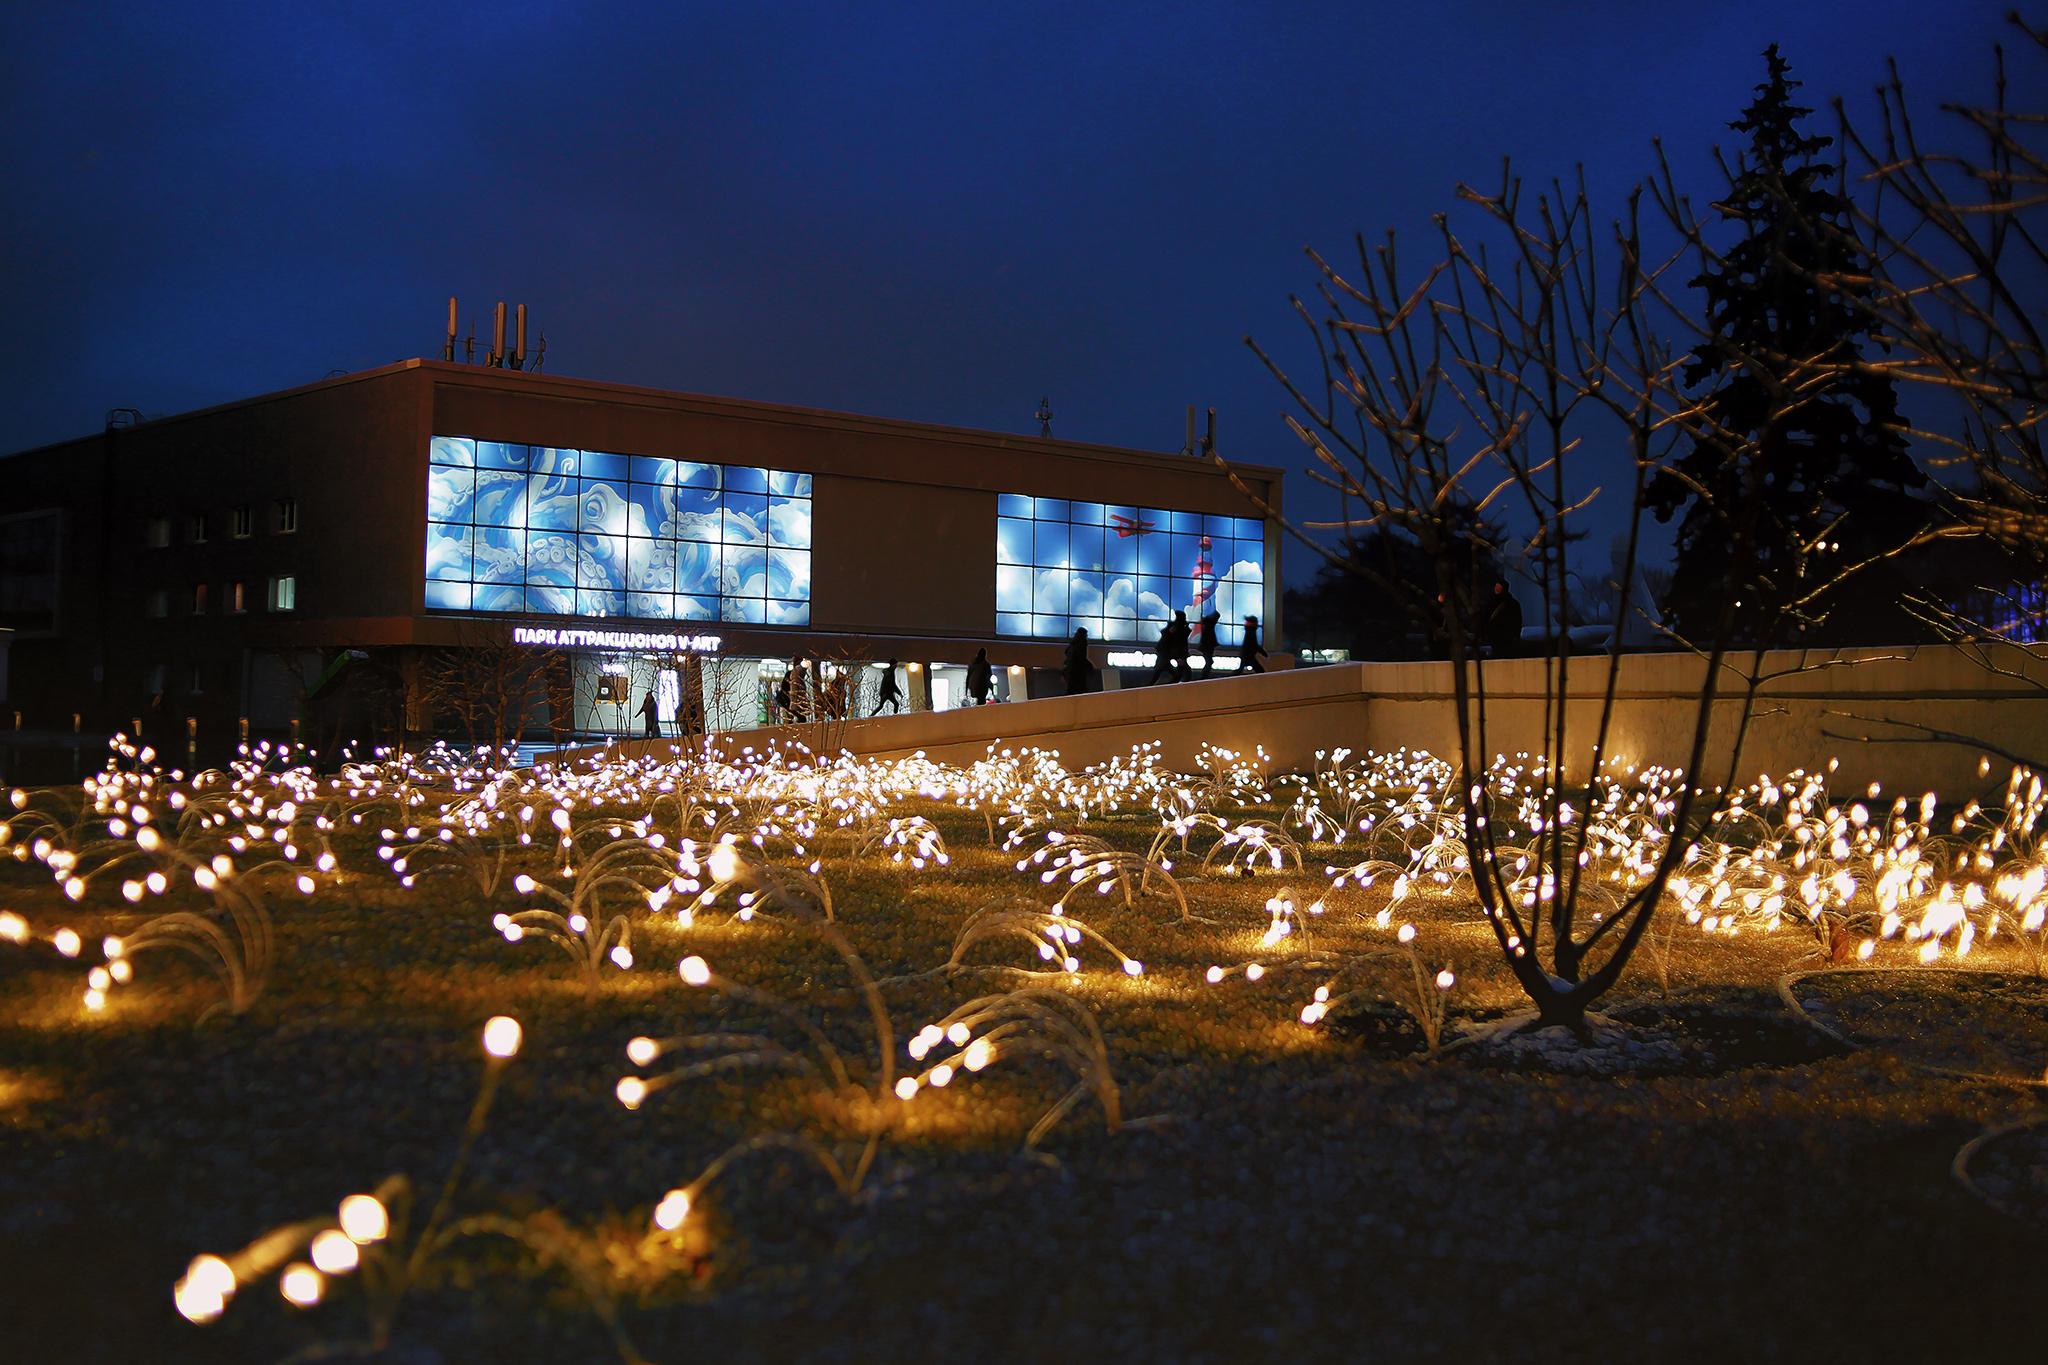 Lichterspiel im Moskauer VDNH Park